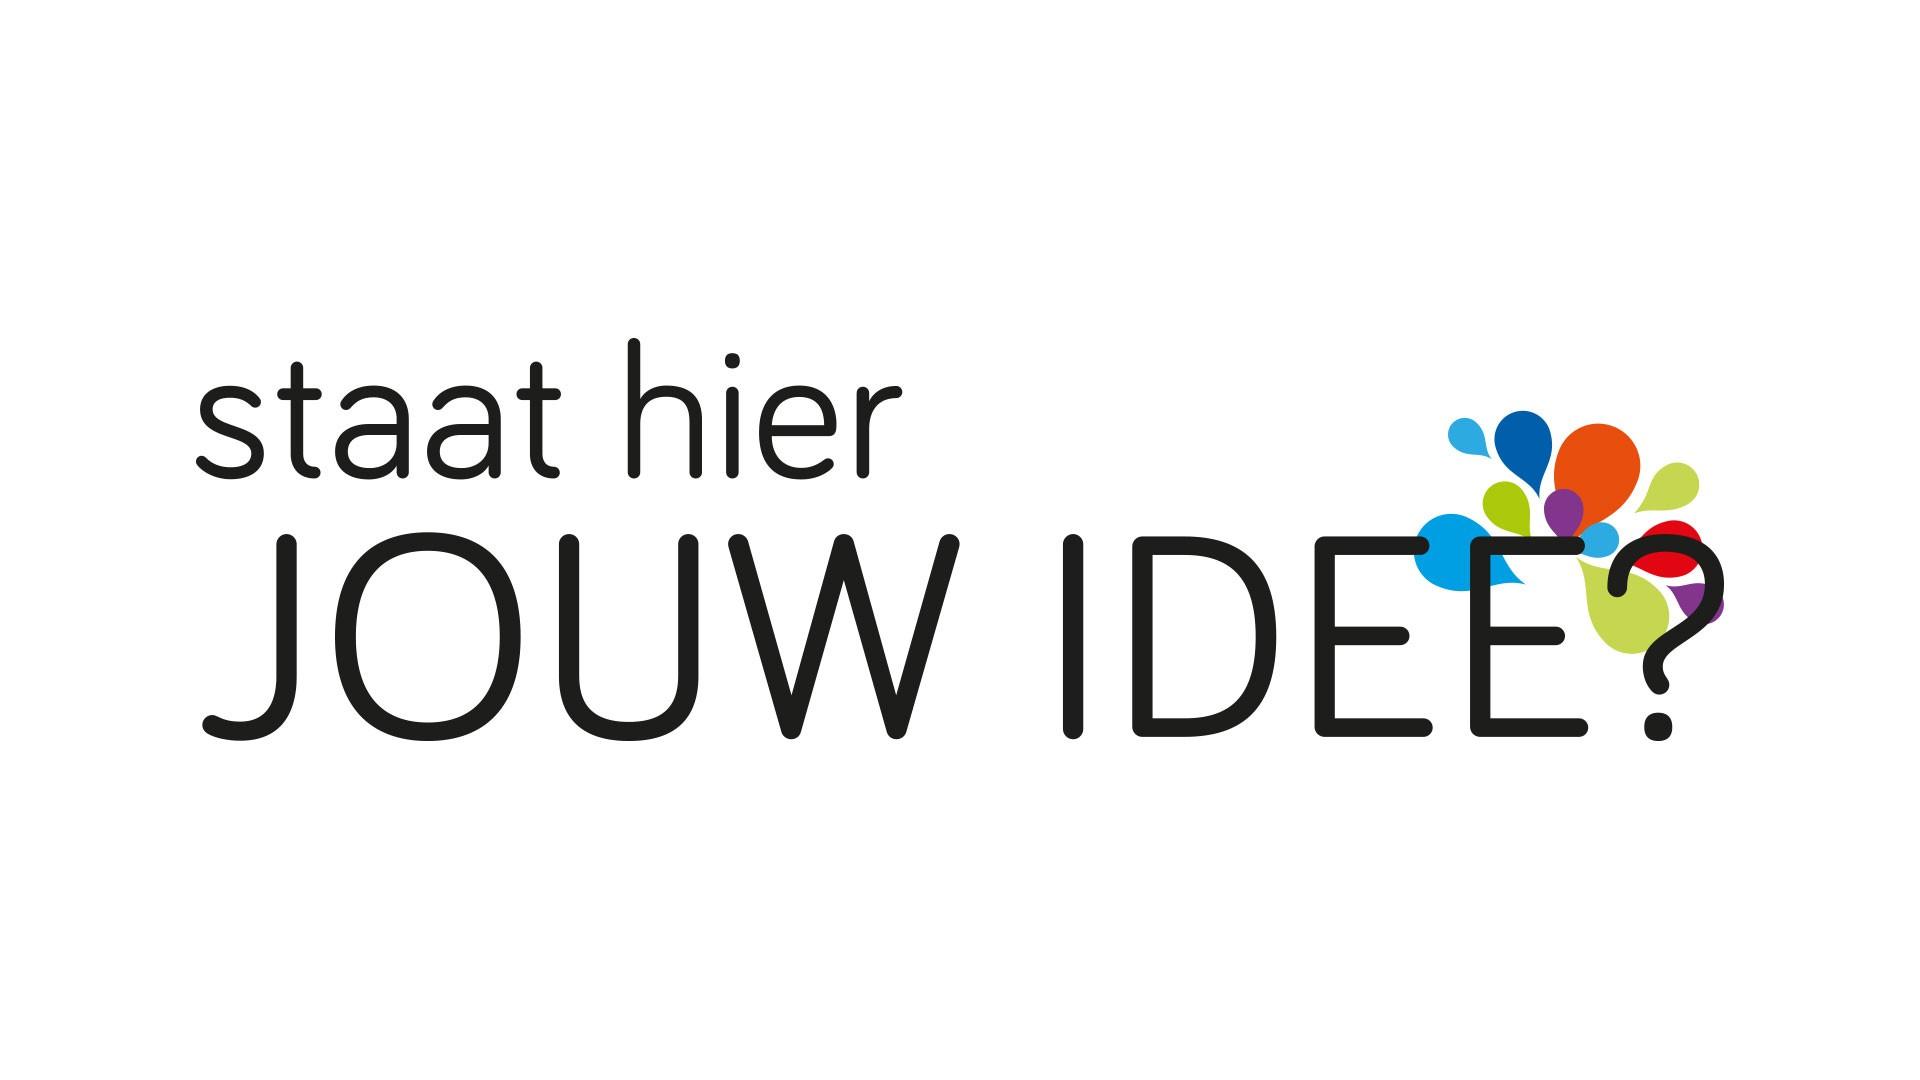 Staat_hier_jouw_idee?